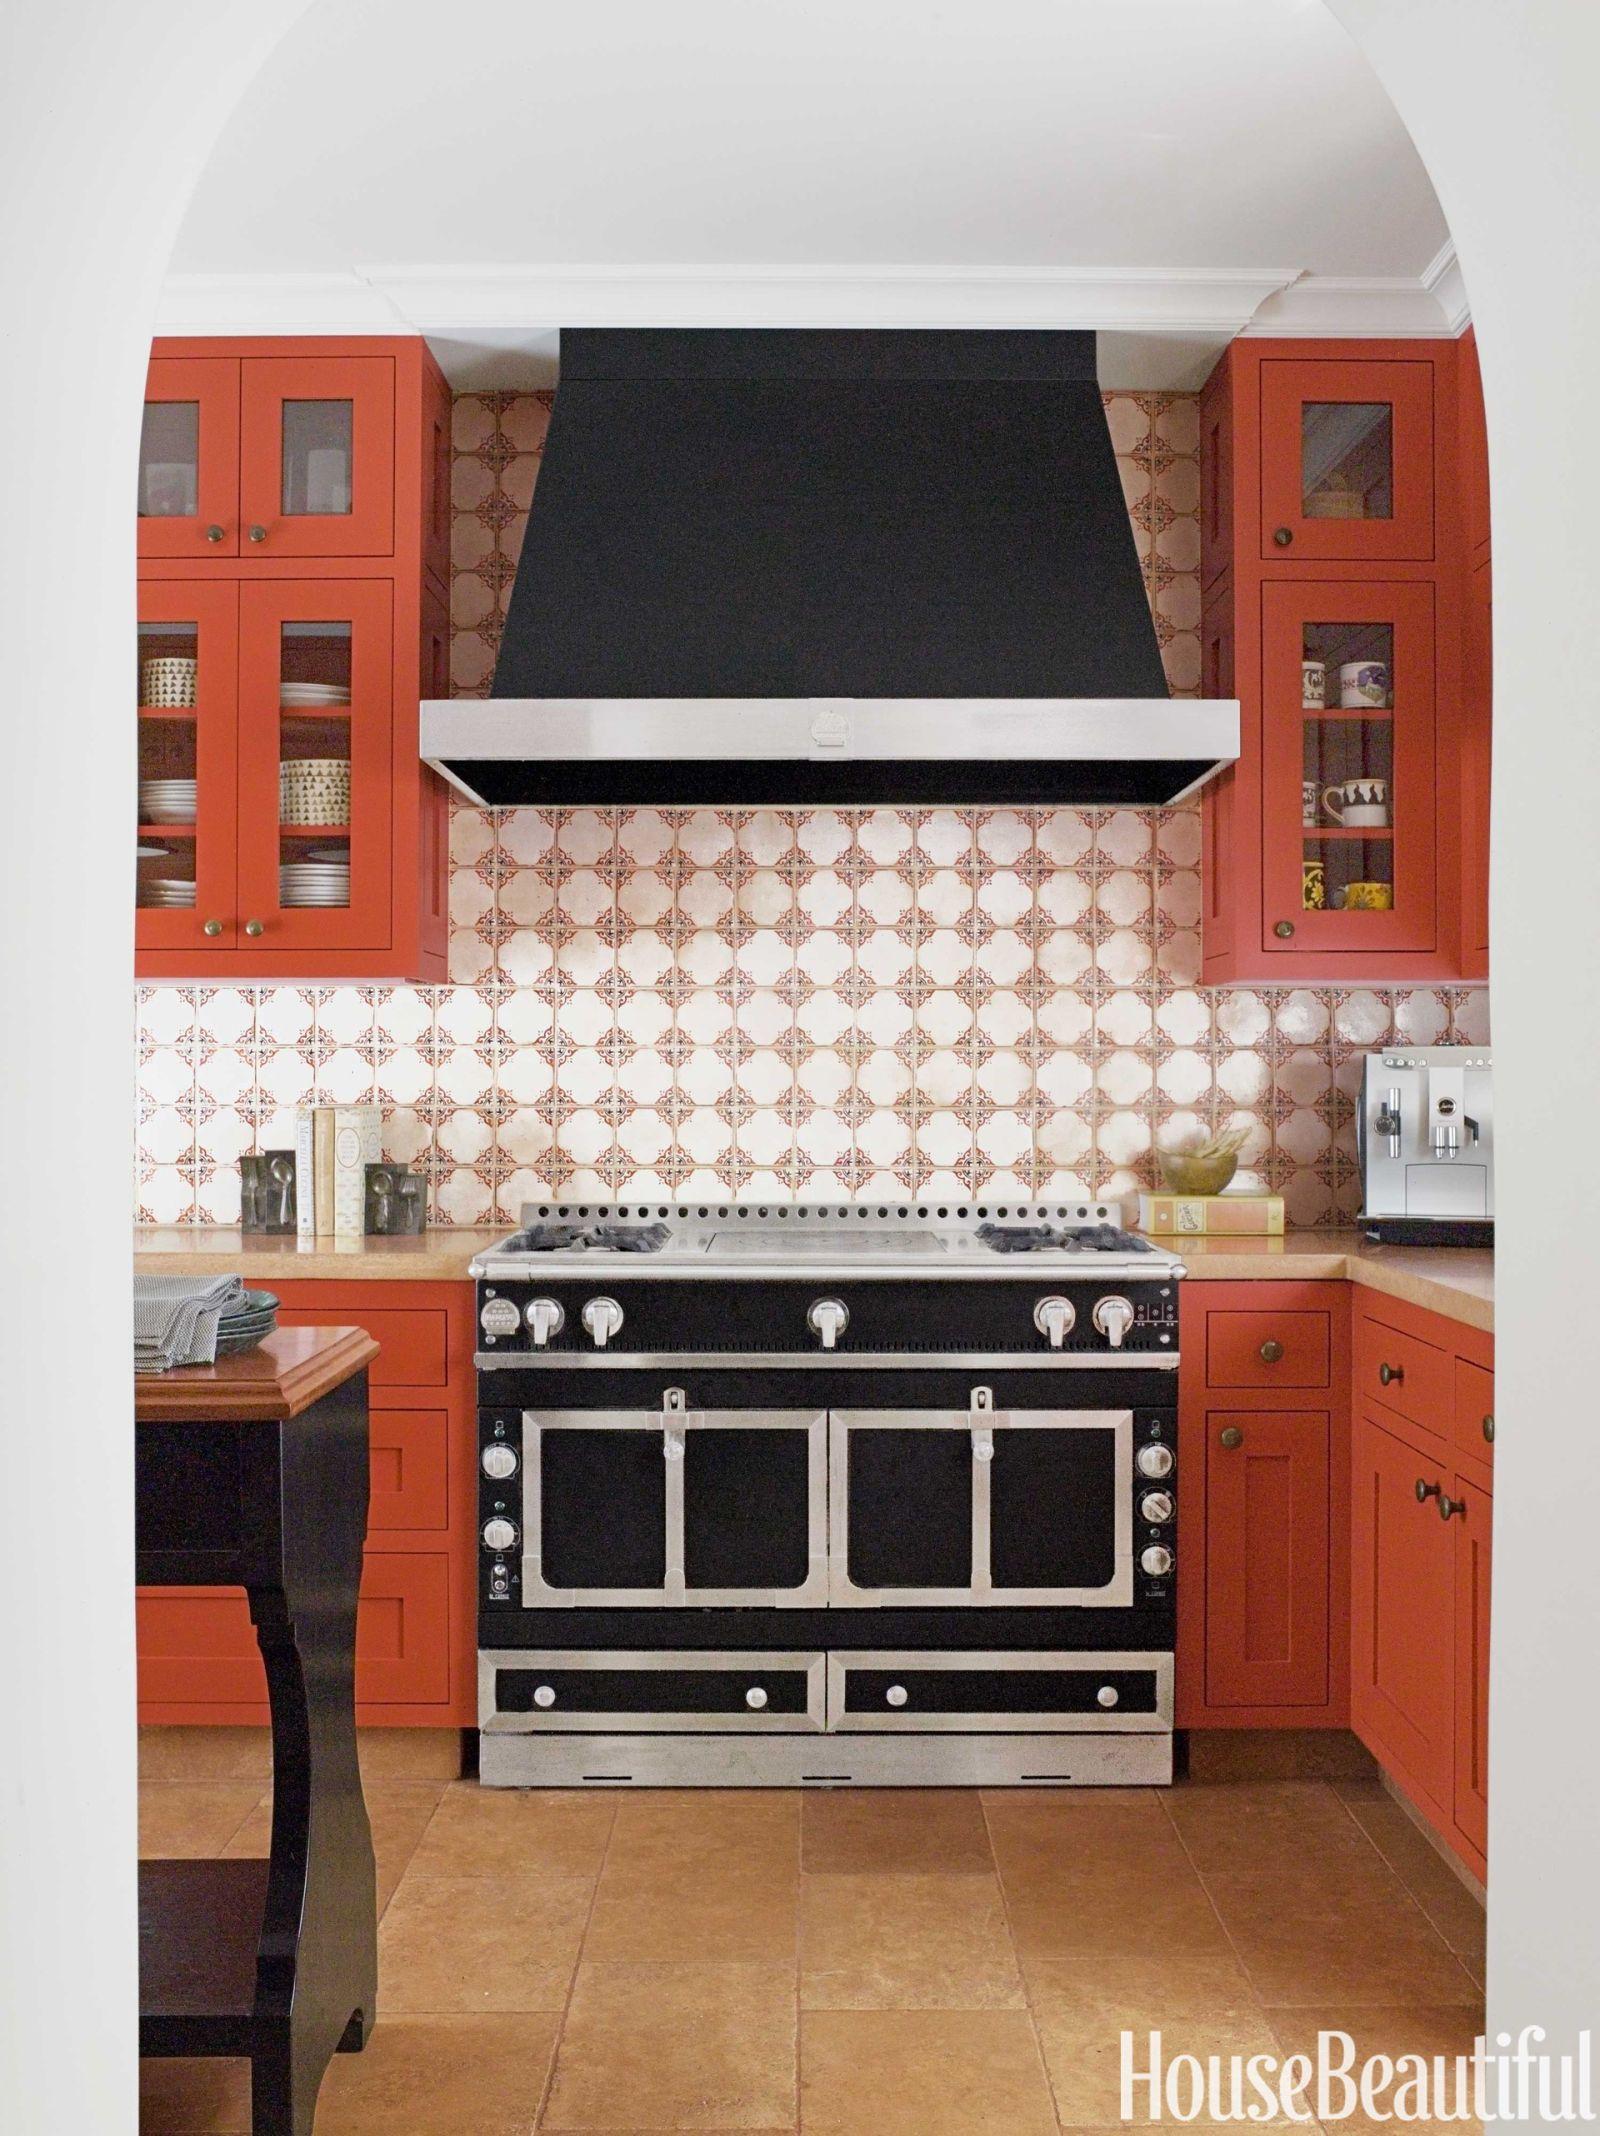 Best Kitchen Backsplash Ideas - Tile Designs for Kitchen Backsplashes